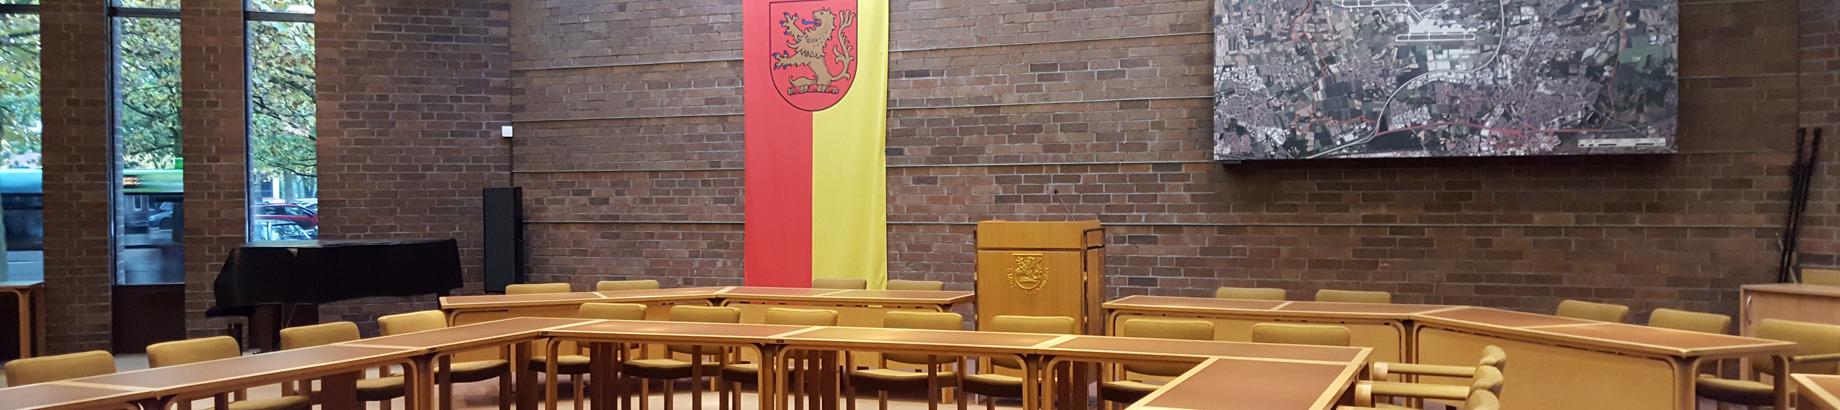 Ratssaal der Stadt Langenhagen